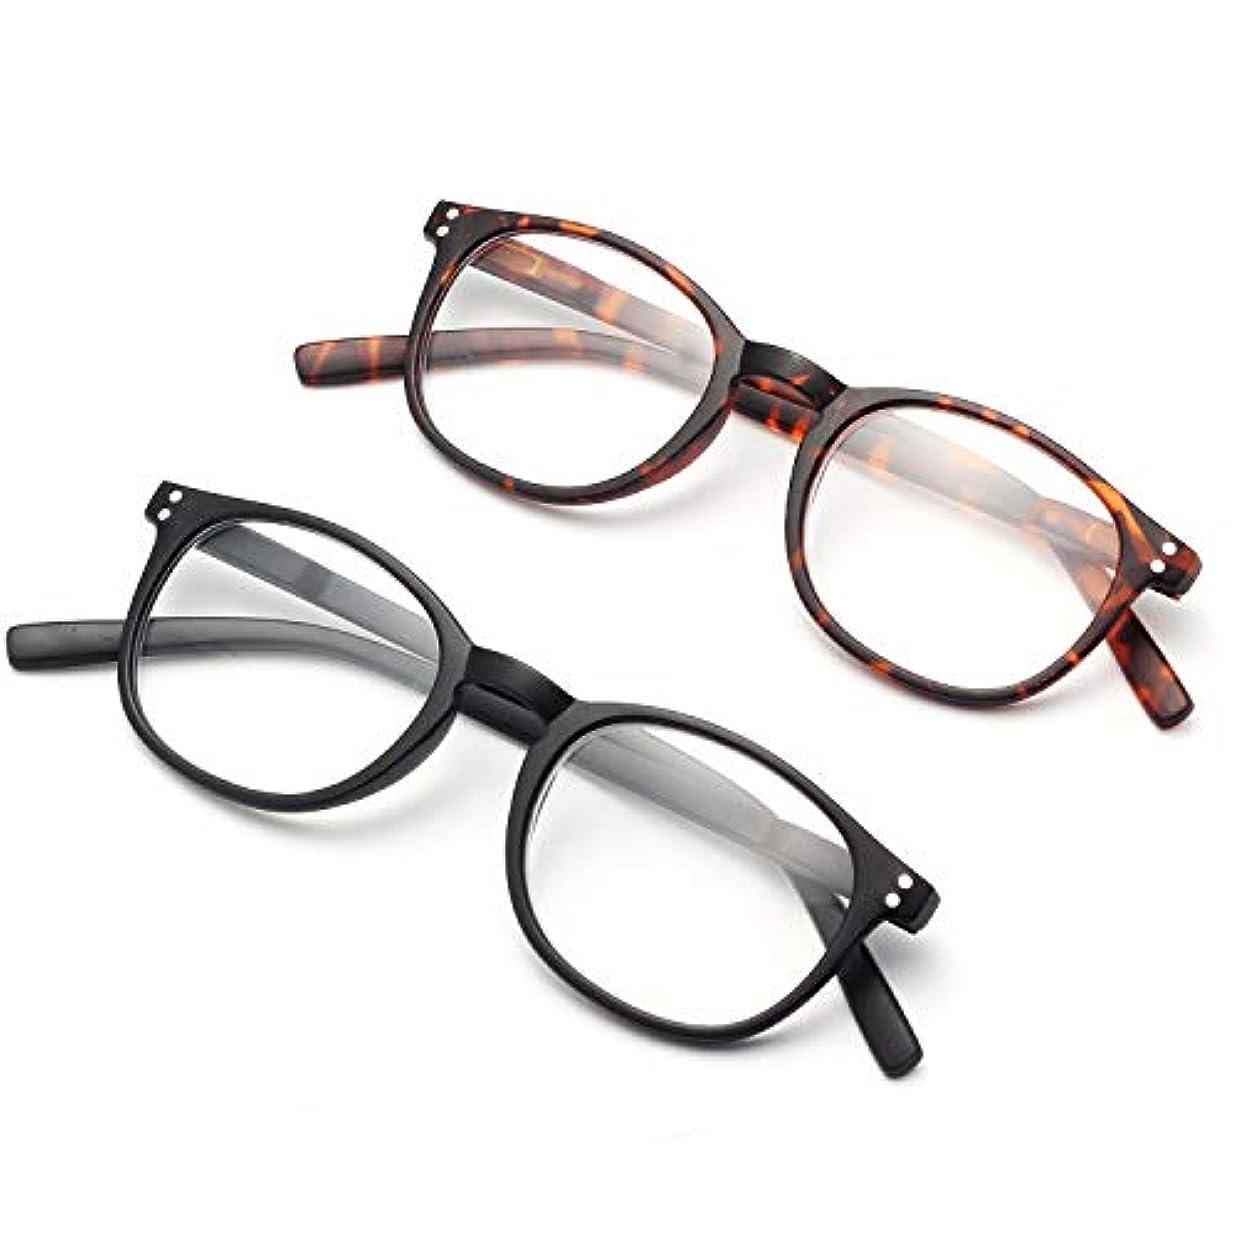 資金以前は文明化AMORAYS 老眼鏡 ブルーライト UVカットボストン型PCめがね シニアグラス おしゃれ メンズ レディース AM3241001 (2個セット, 3.00)